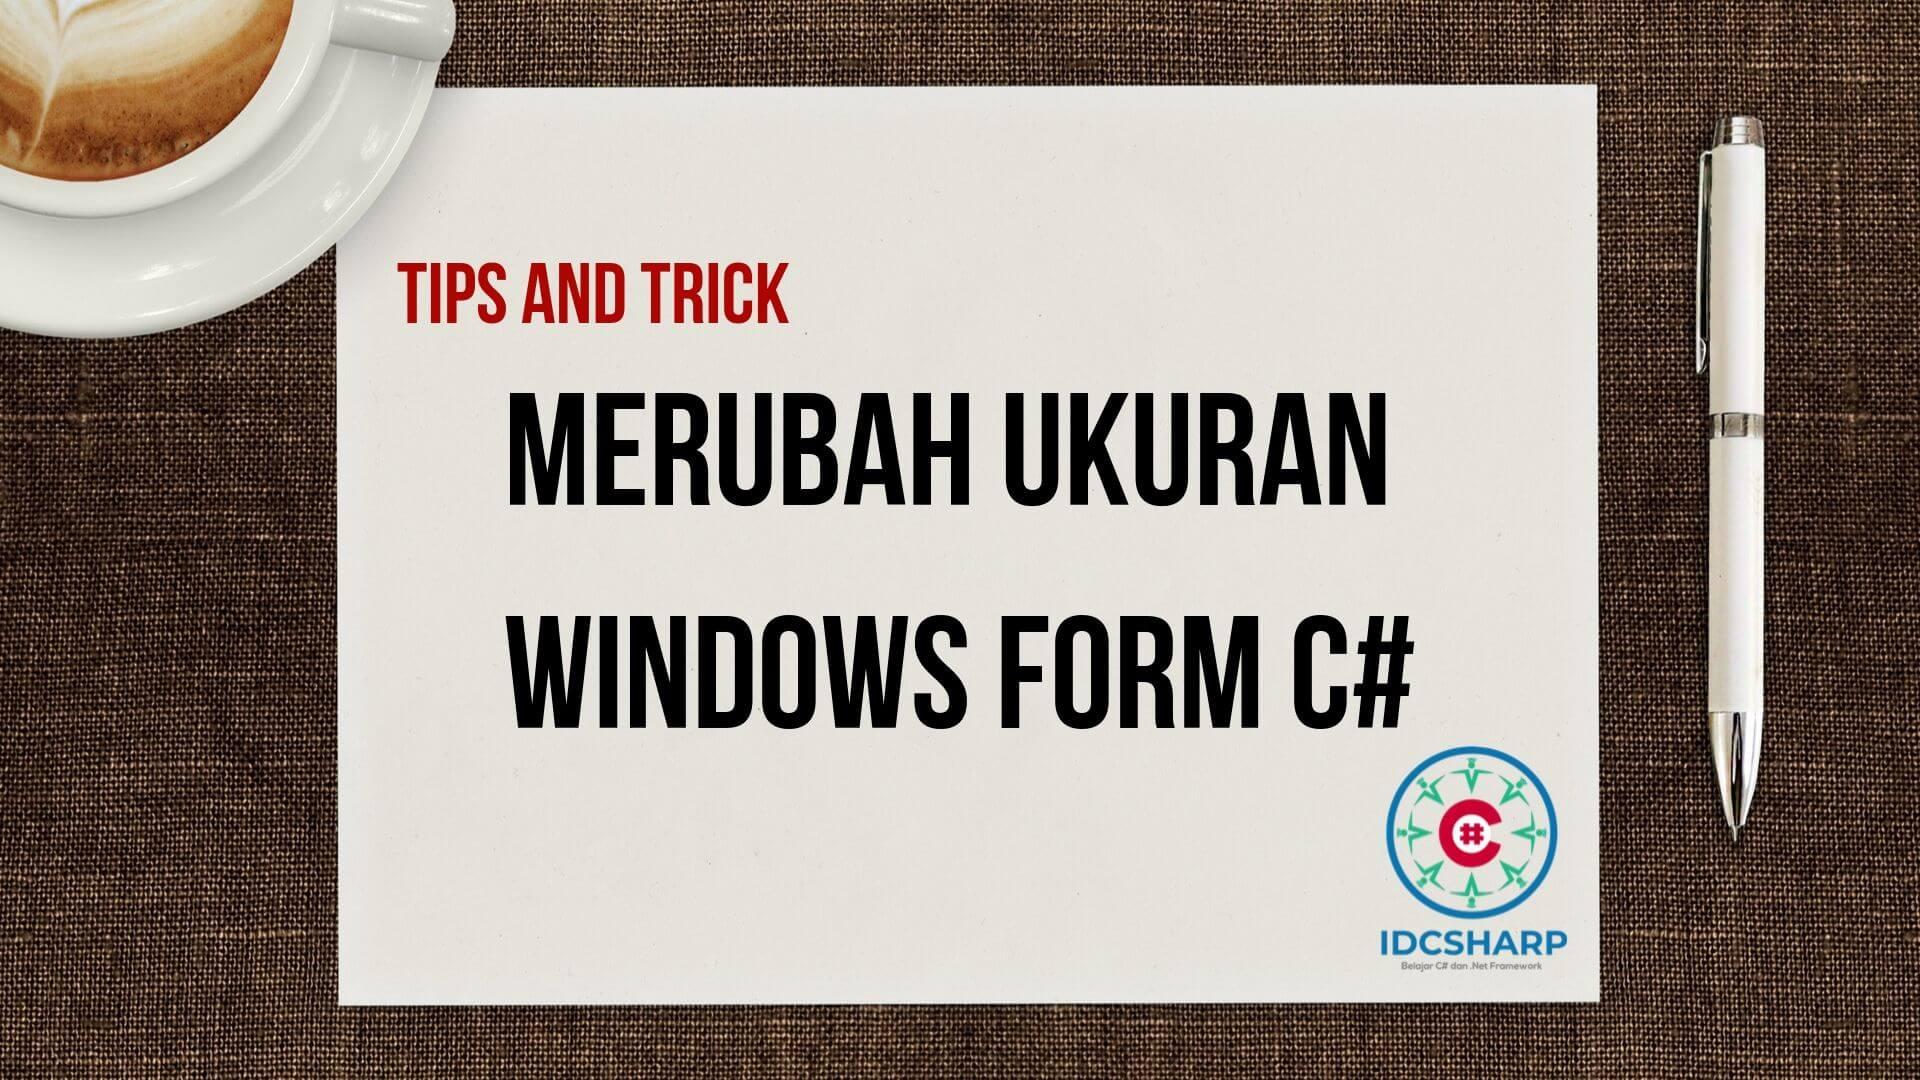 Merubah ukuran windows form secara terprogram c#